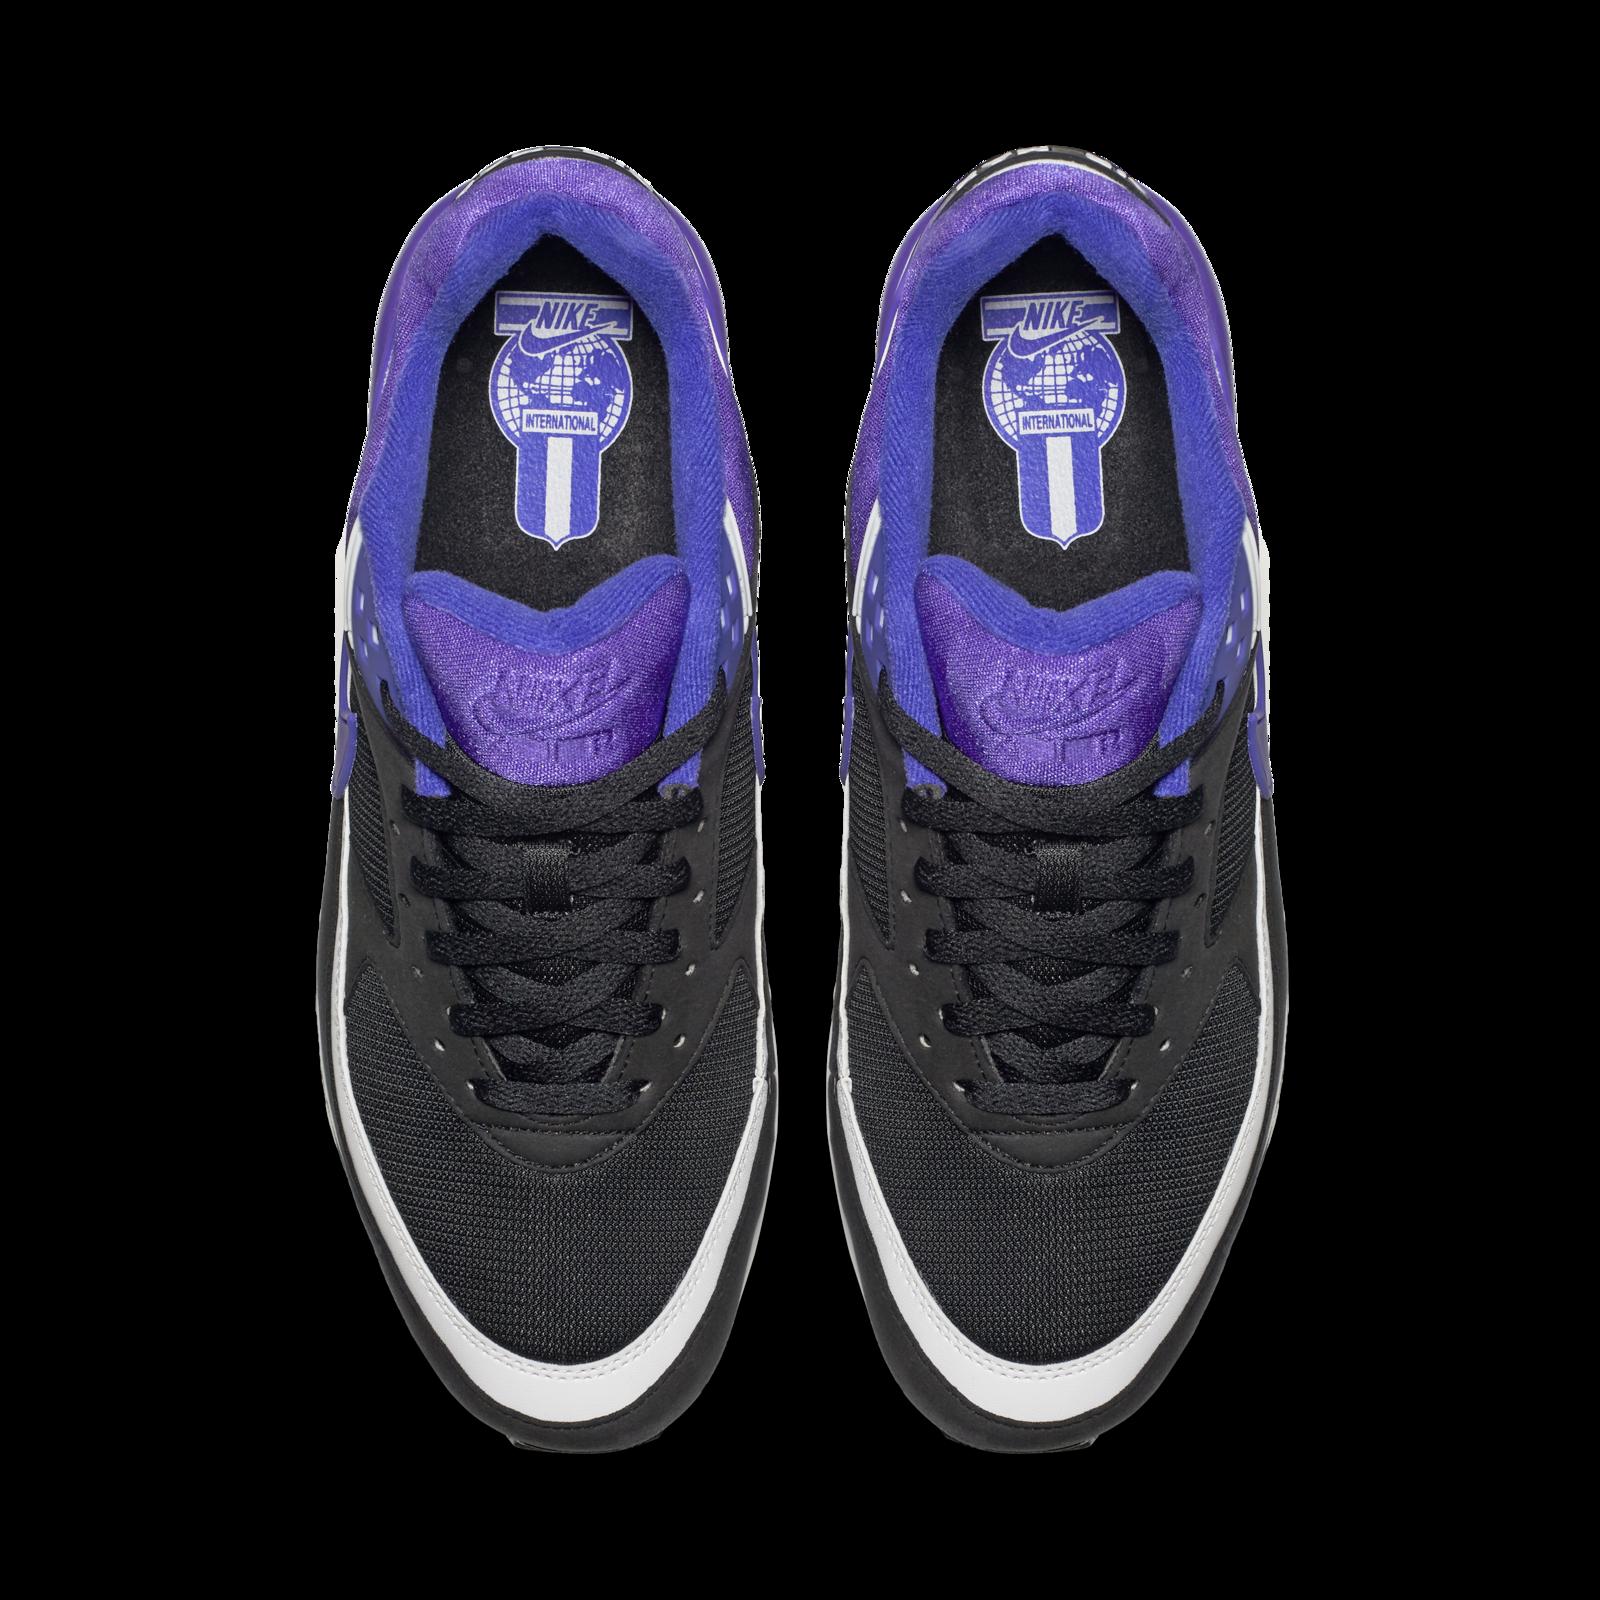 NIKE WMNS AIR MAX 95 SE Sneakers Damen Schwarz YJ8104